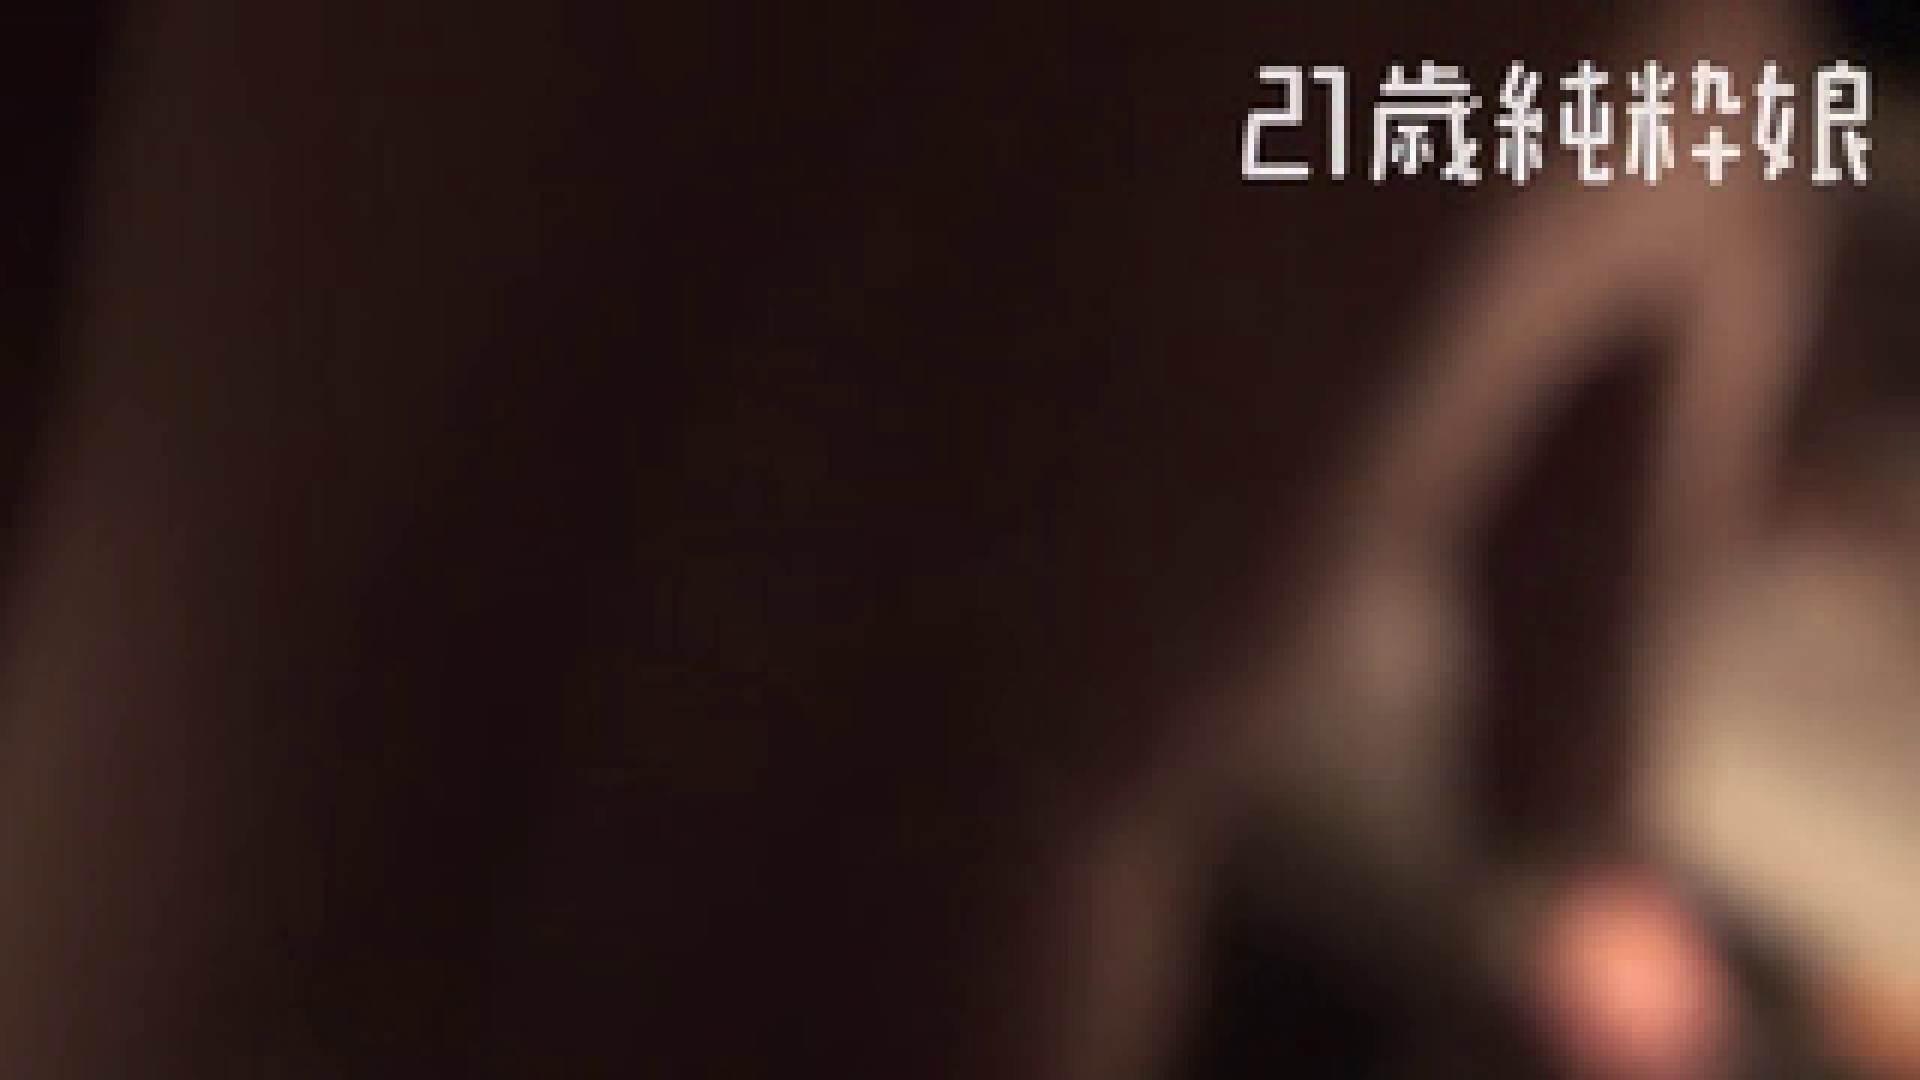 上京したばかりのGカップ21歳純粋嬢を都合の良い女にしてみた4 ホテル | ギャル達のおっぱい  96画像 55